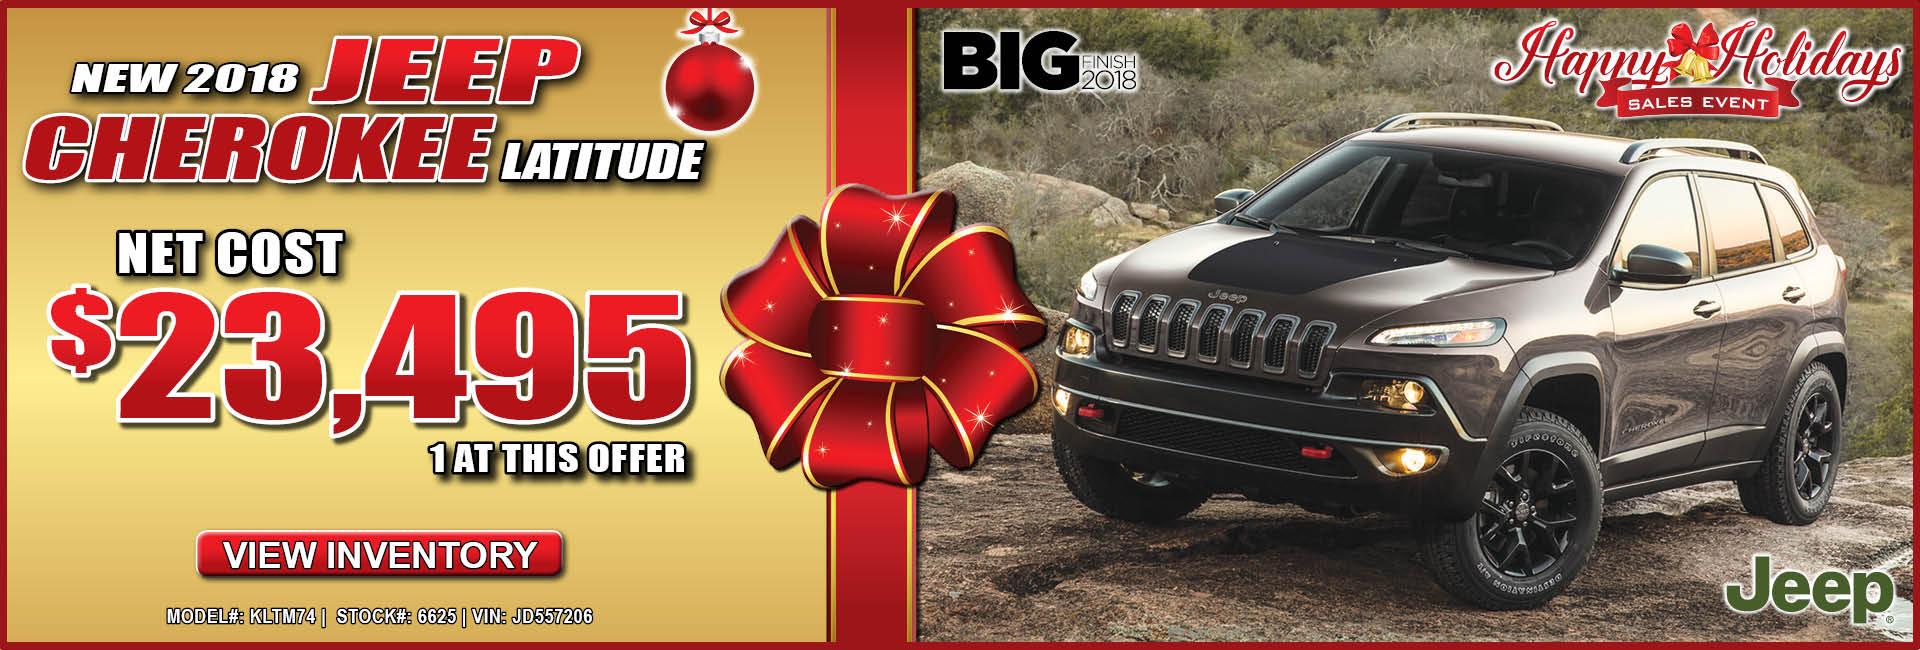 Jeep Cherokee $23,495